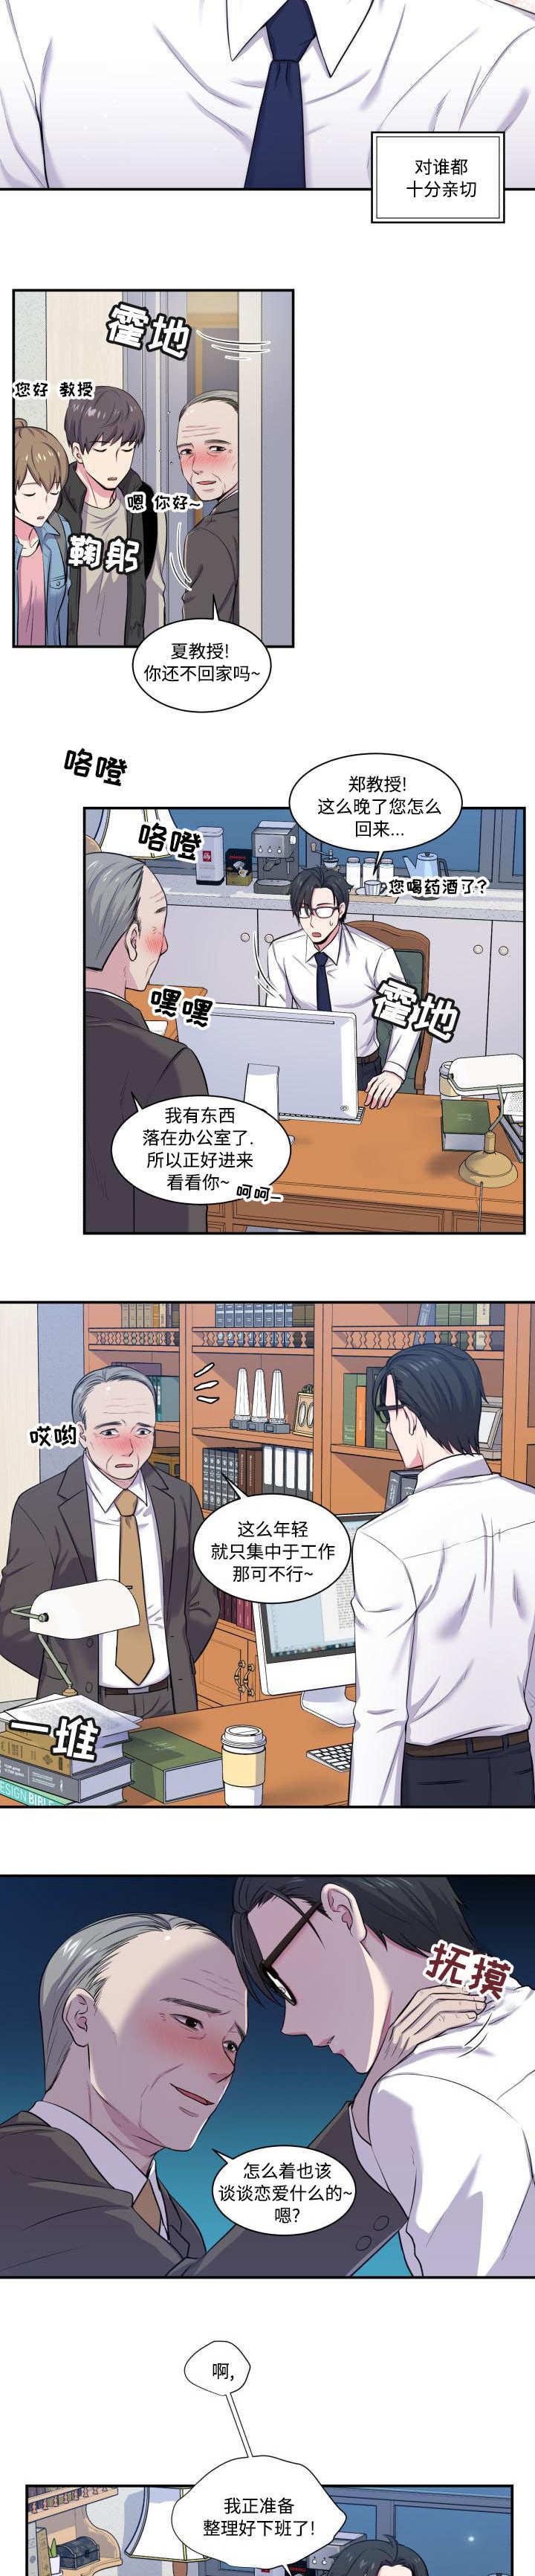 《教授的双重生活》~漫画完整版 &(全集免费阅读)